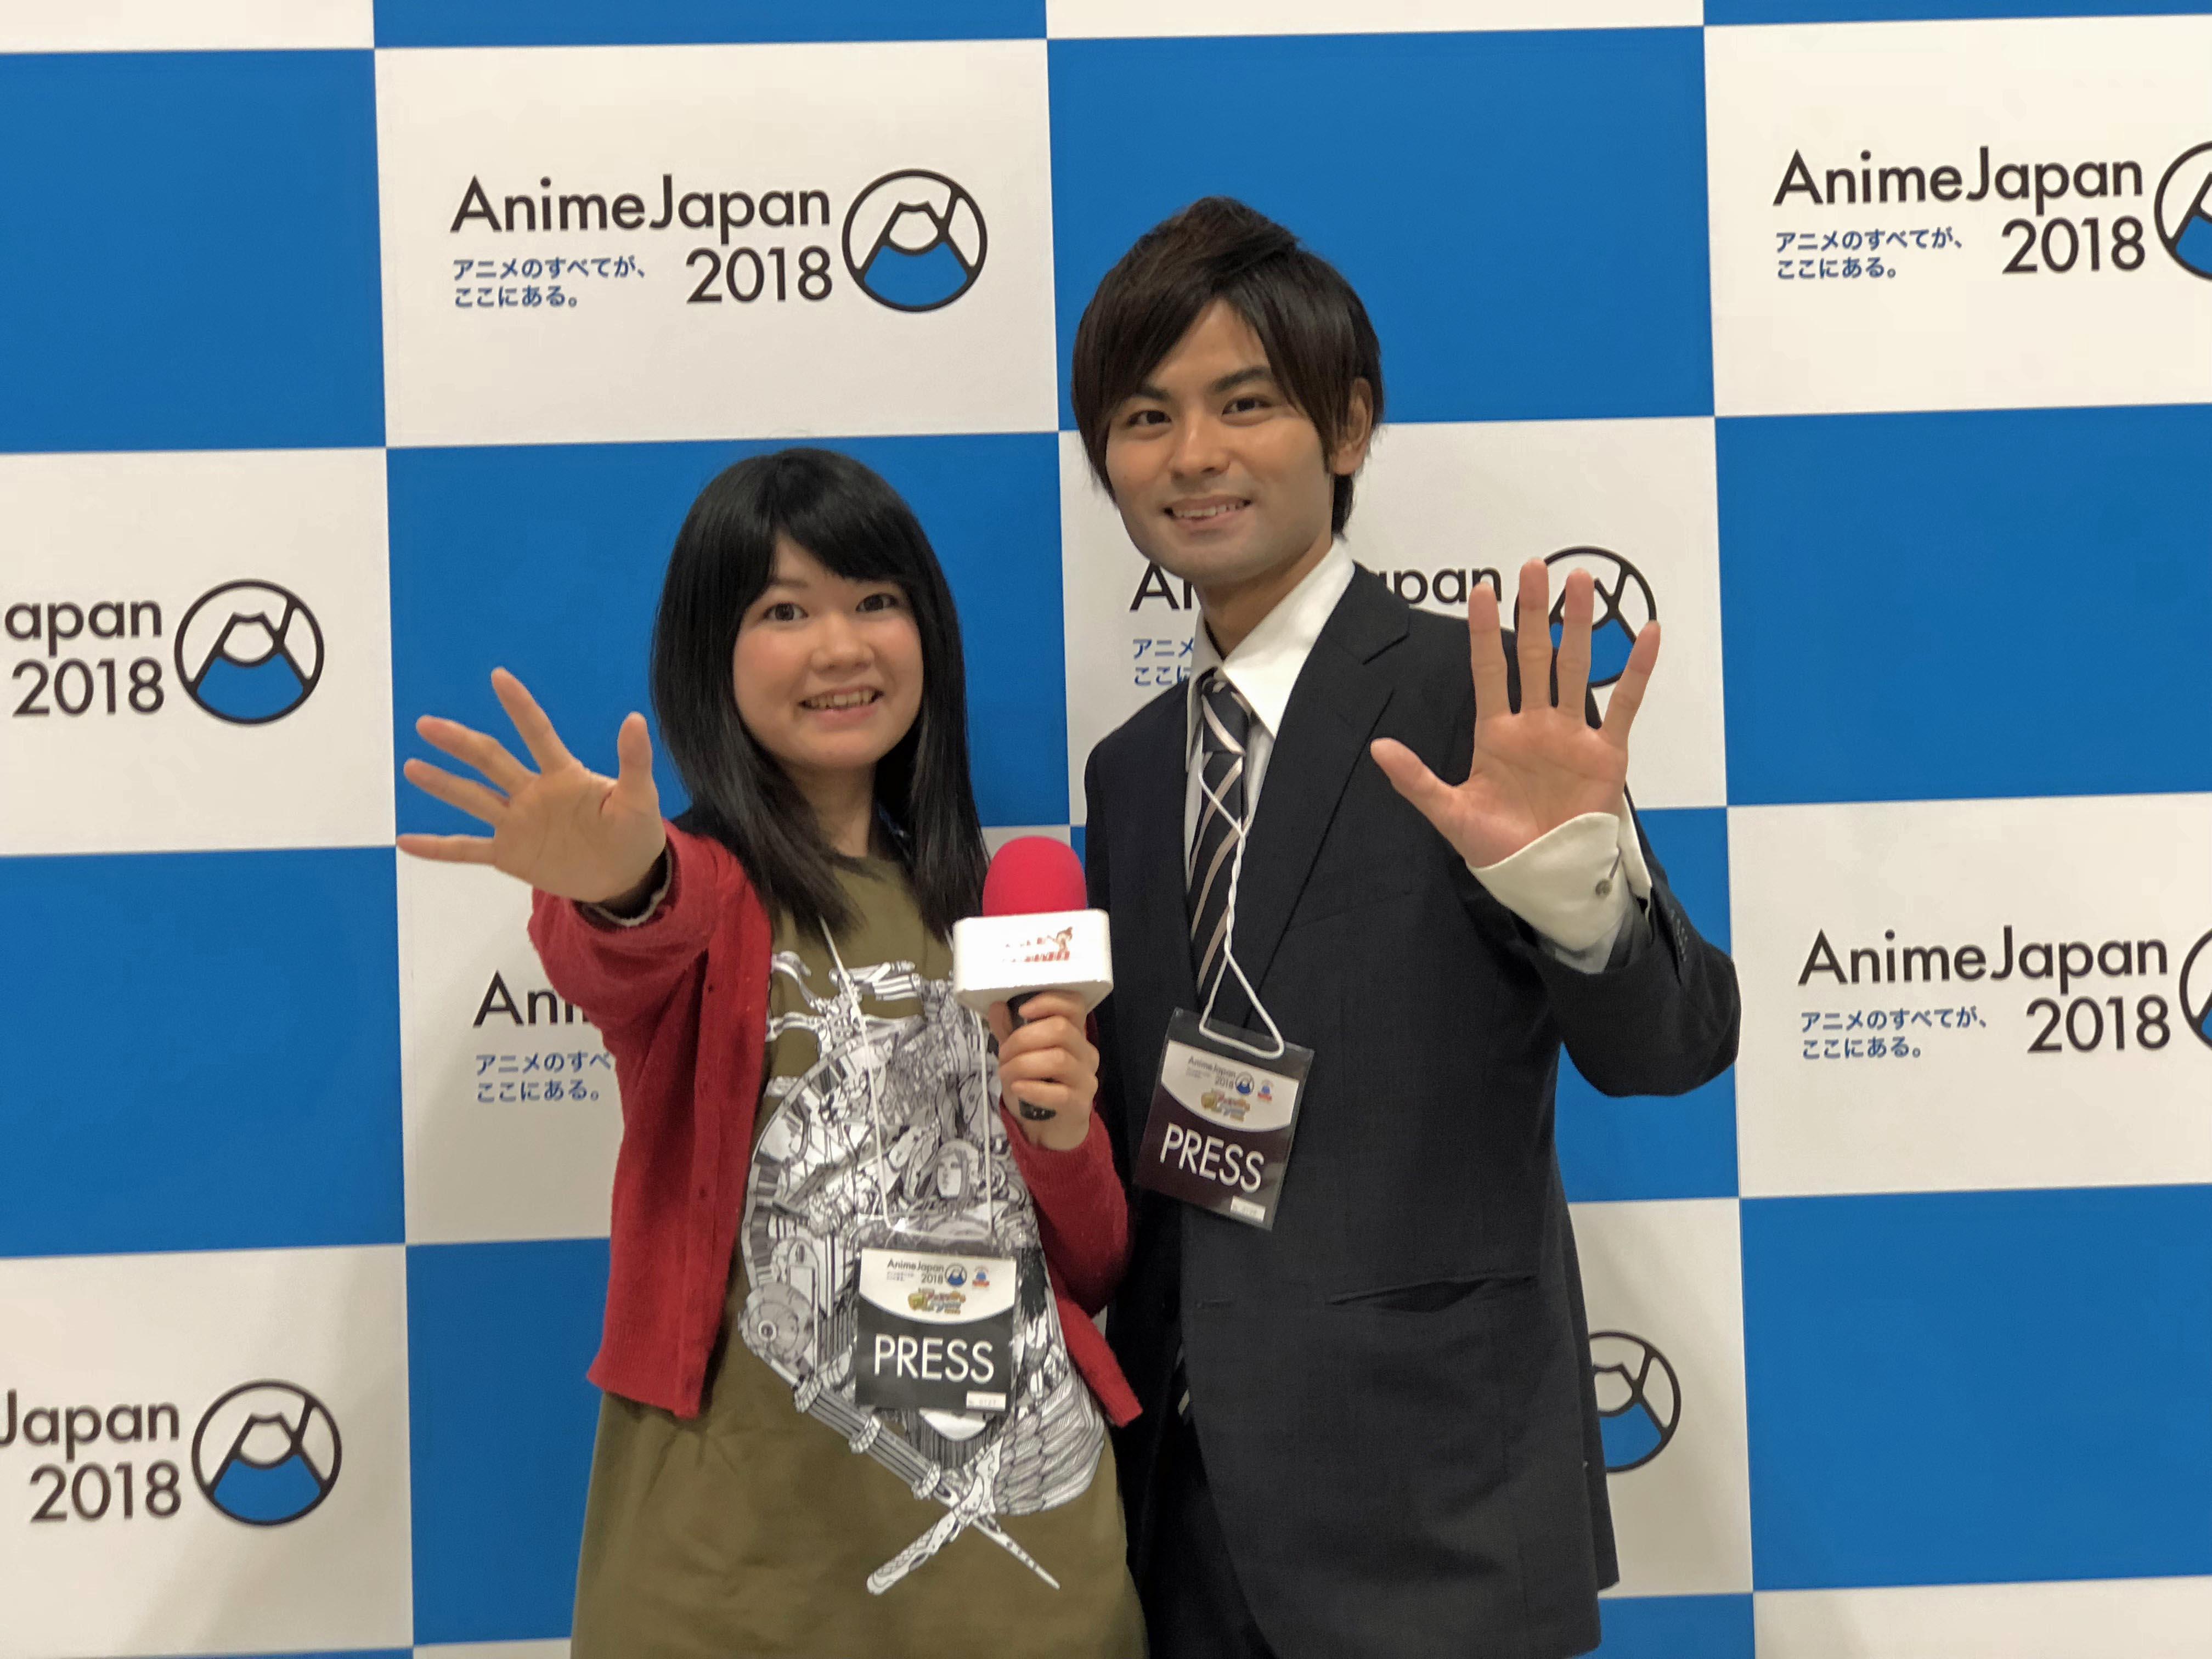 2018年 3月「AnimeJapan 2018」